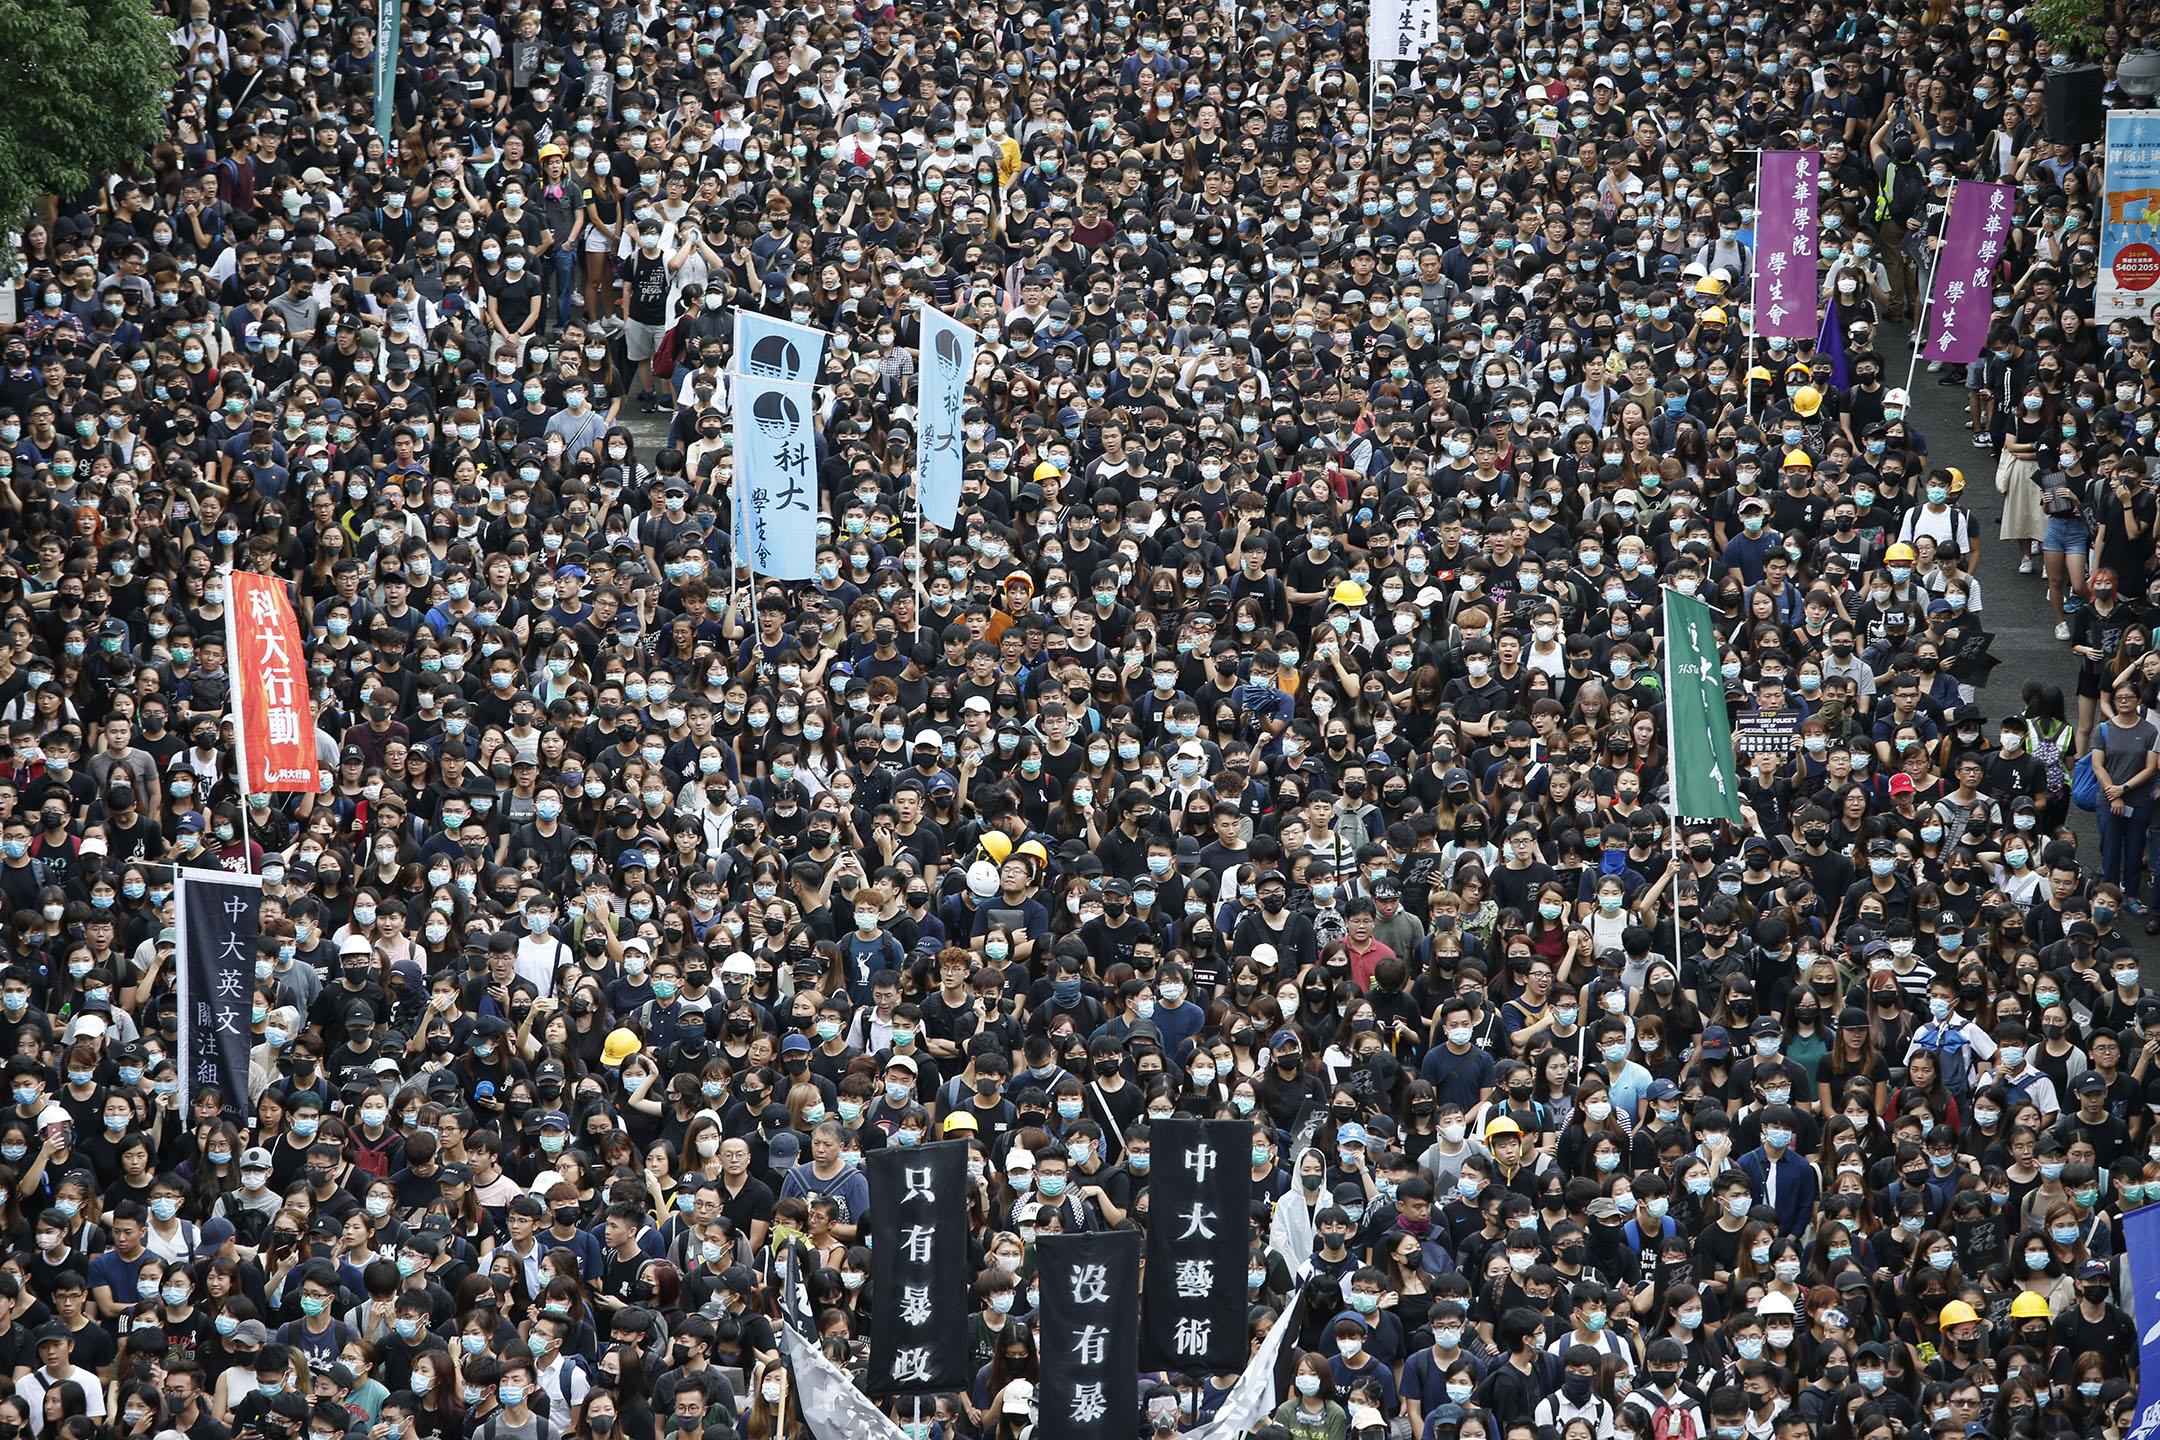 2019年9月2日,中文大學百萬大道,大專學界舉辦罷課集會。 攝:林振東 / 端傳媒